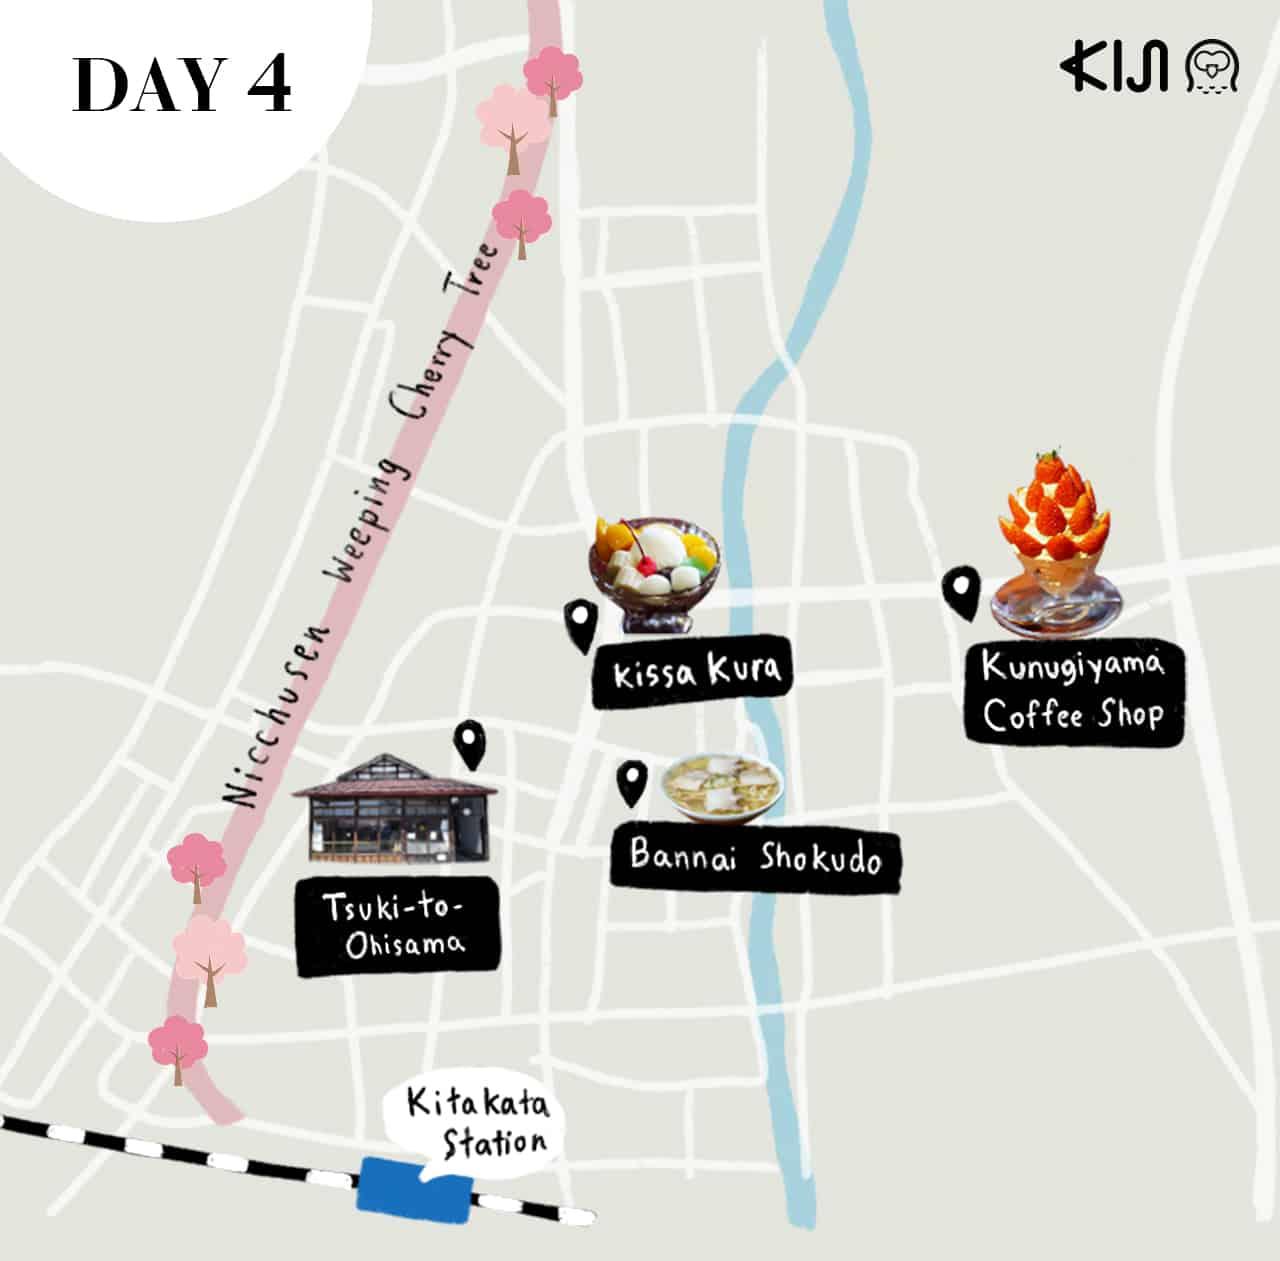 แผนที่เที่ยว ฟุกุชิมะ วันที่ 4 ของเรา